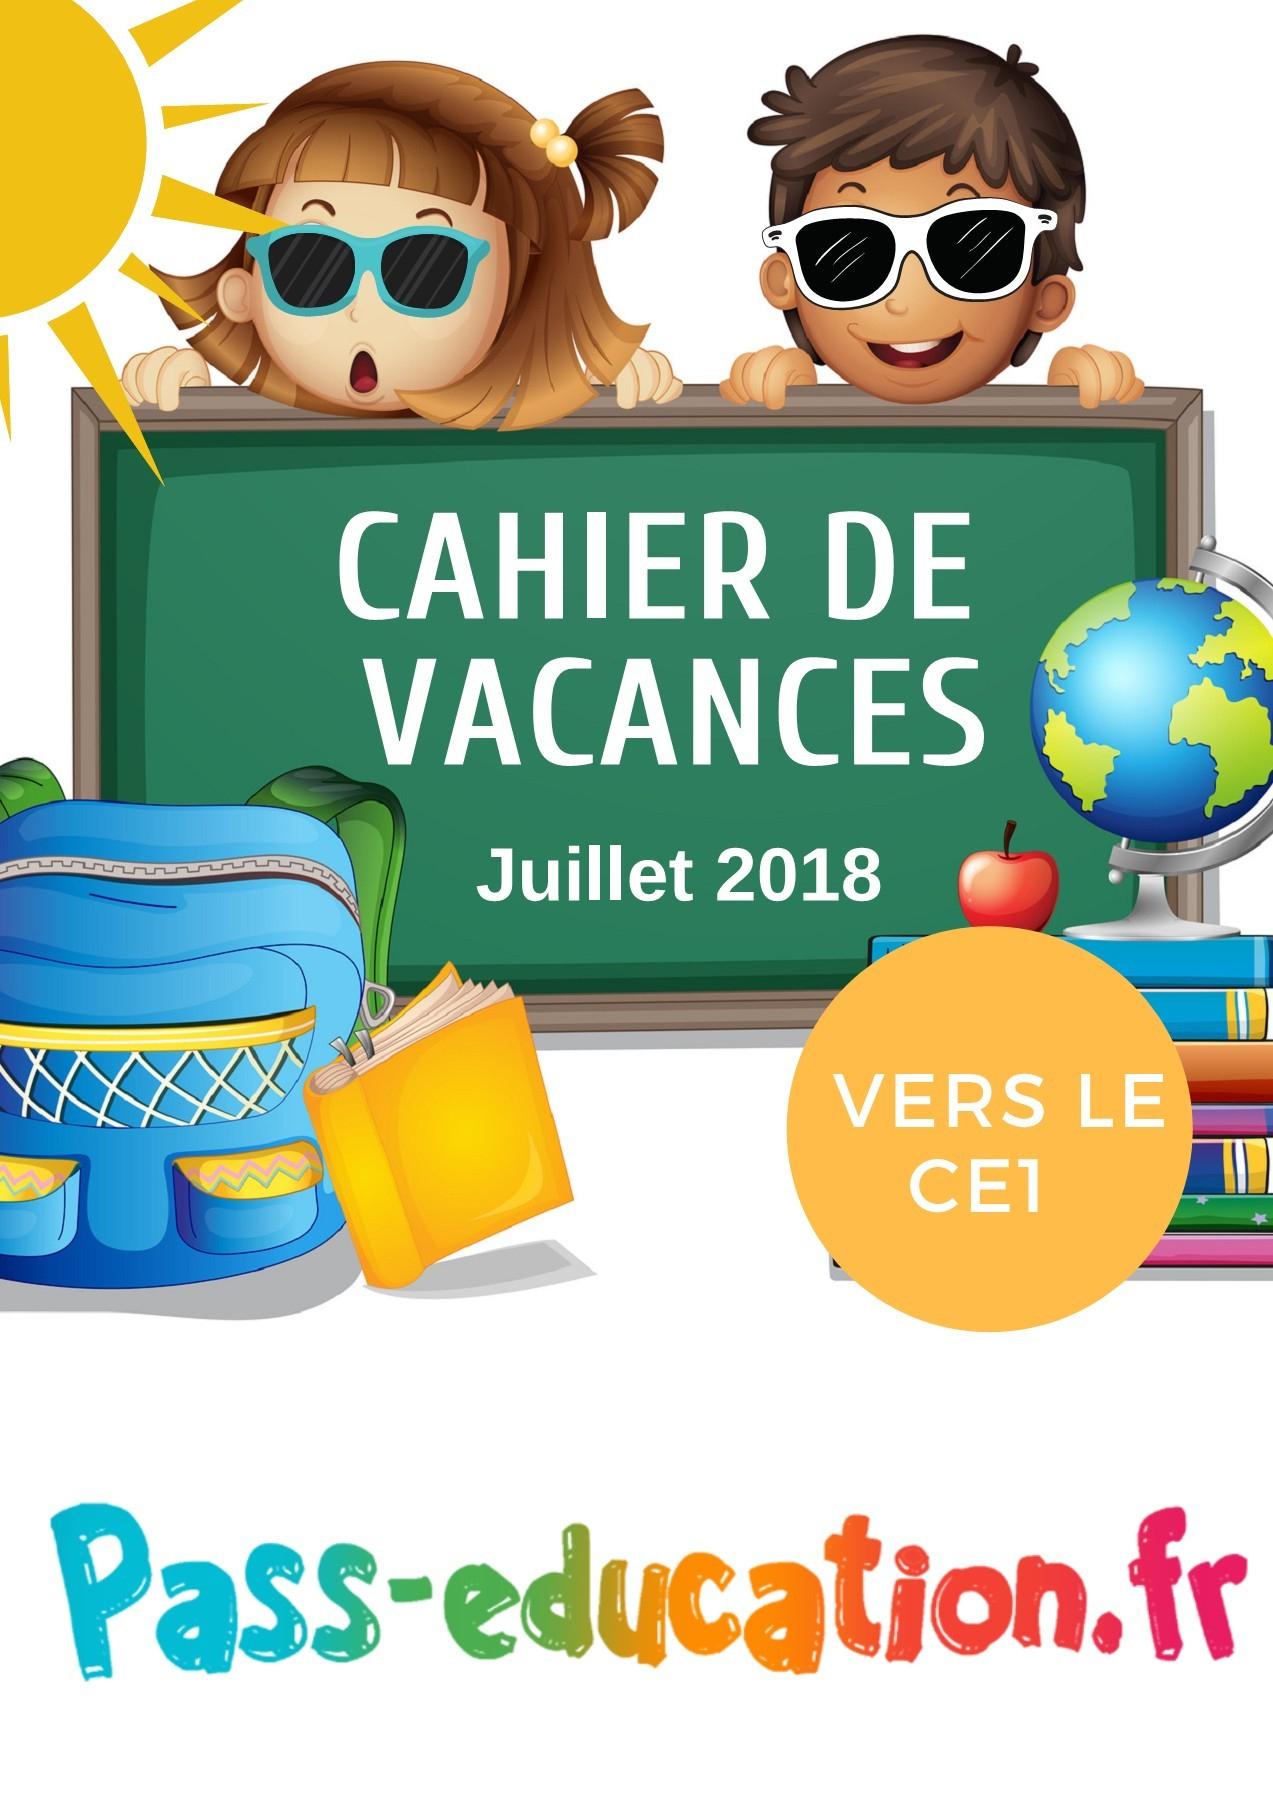 Cahier De Vacances Gratuit À Imprimer - Cp Vers Le Ce1 - Juillet à Cahier De Vacances Gratuit A Imprimer